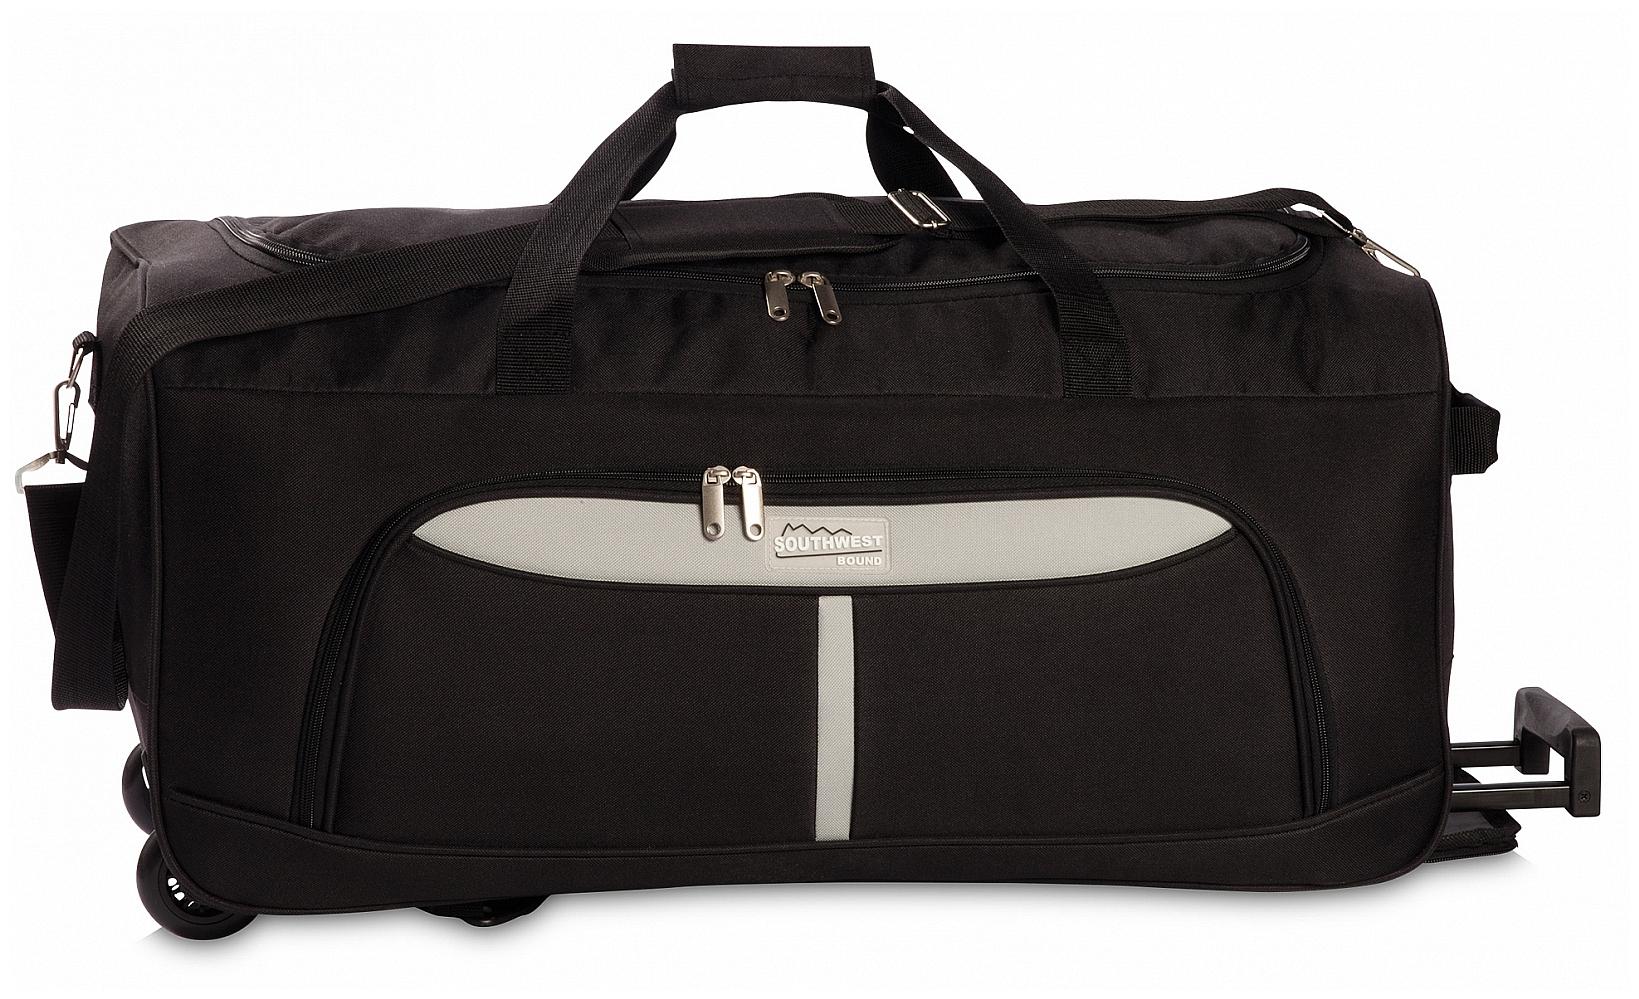 Southwest Cestovní taška na kolečkách 30288-0128 černá /šedá